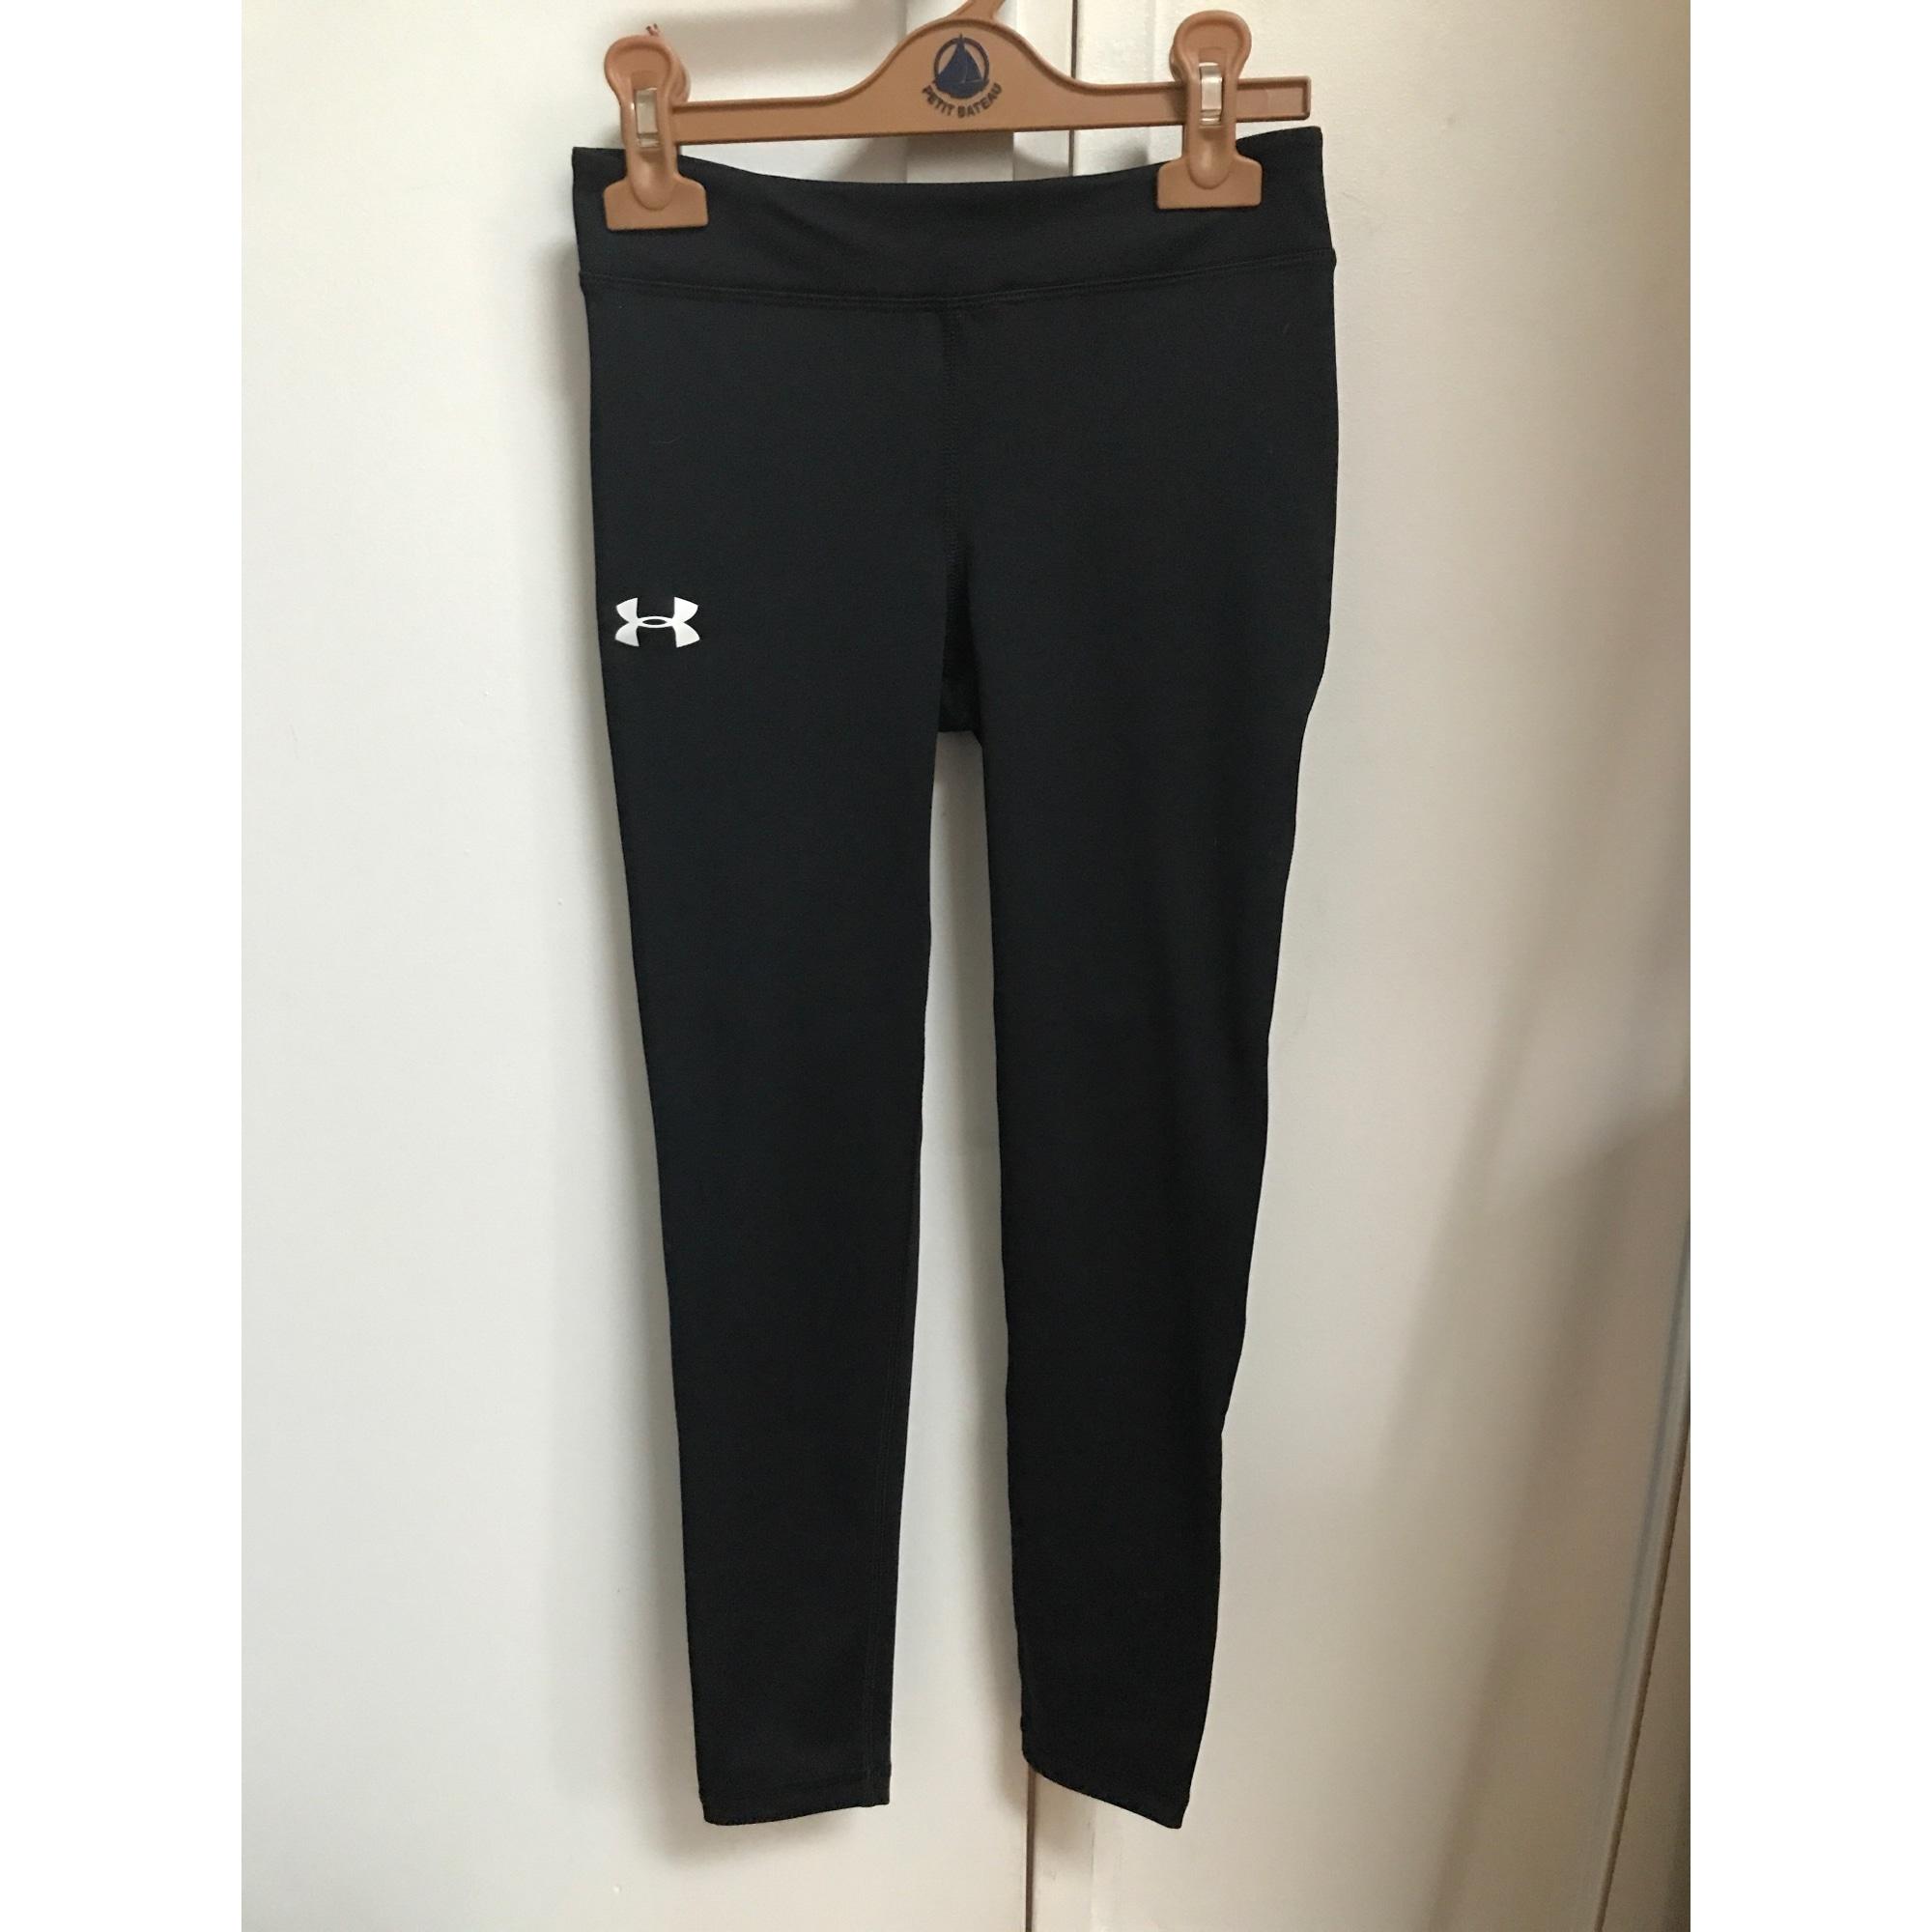 Pantalon de fitness UNDER ARMOUR Noir